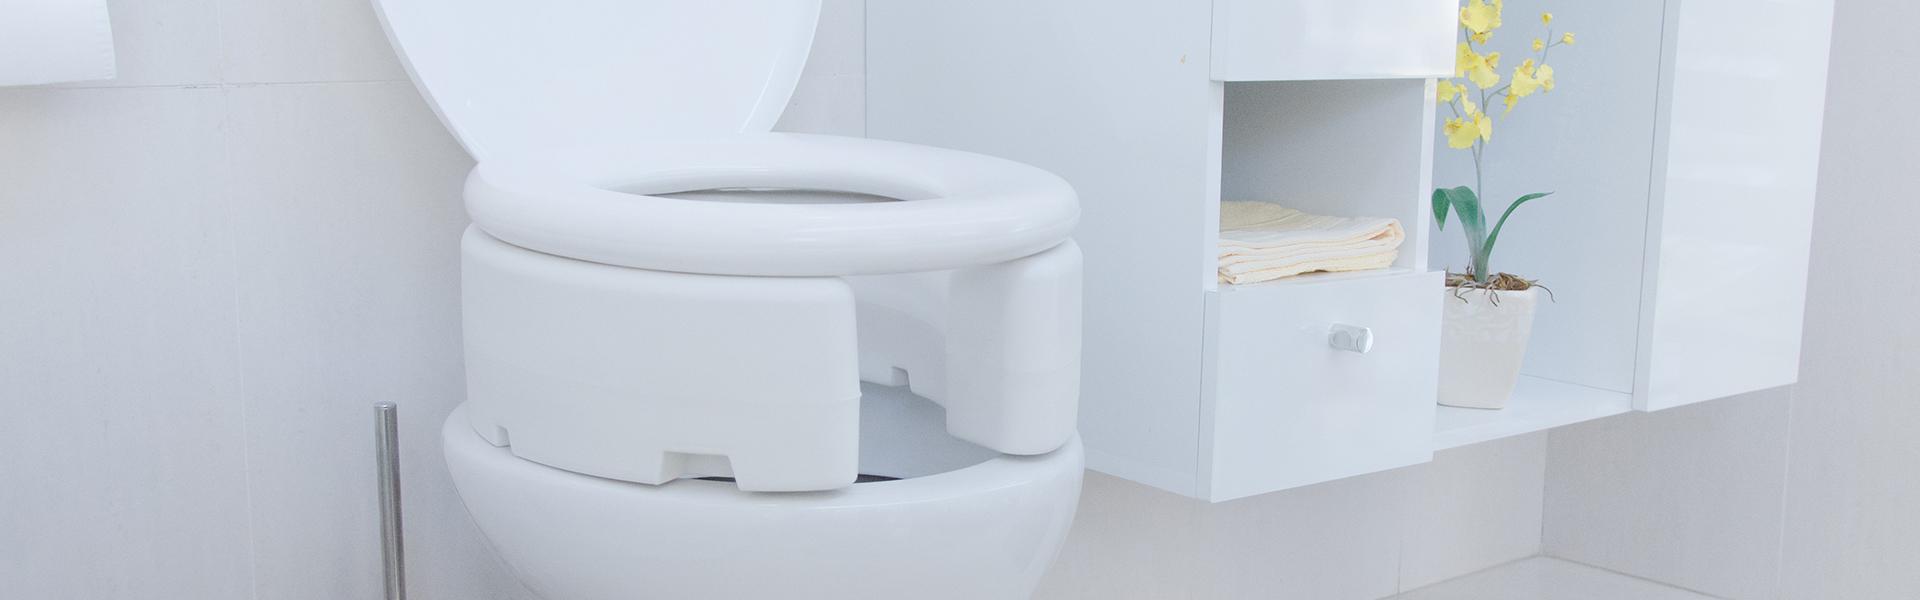 Construtoras - Assentos Sanitários